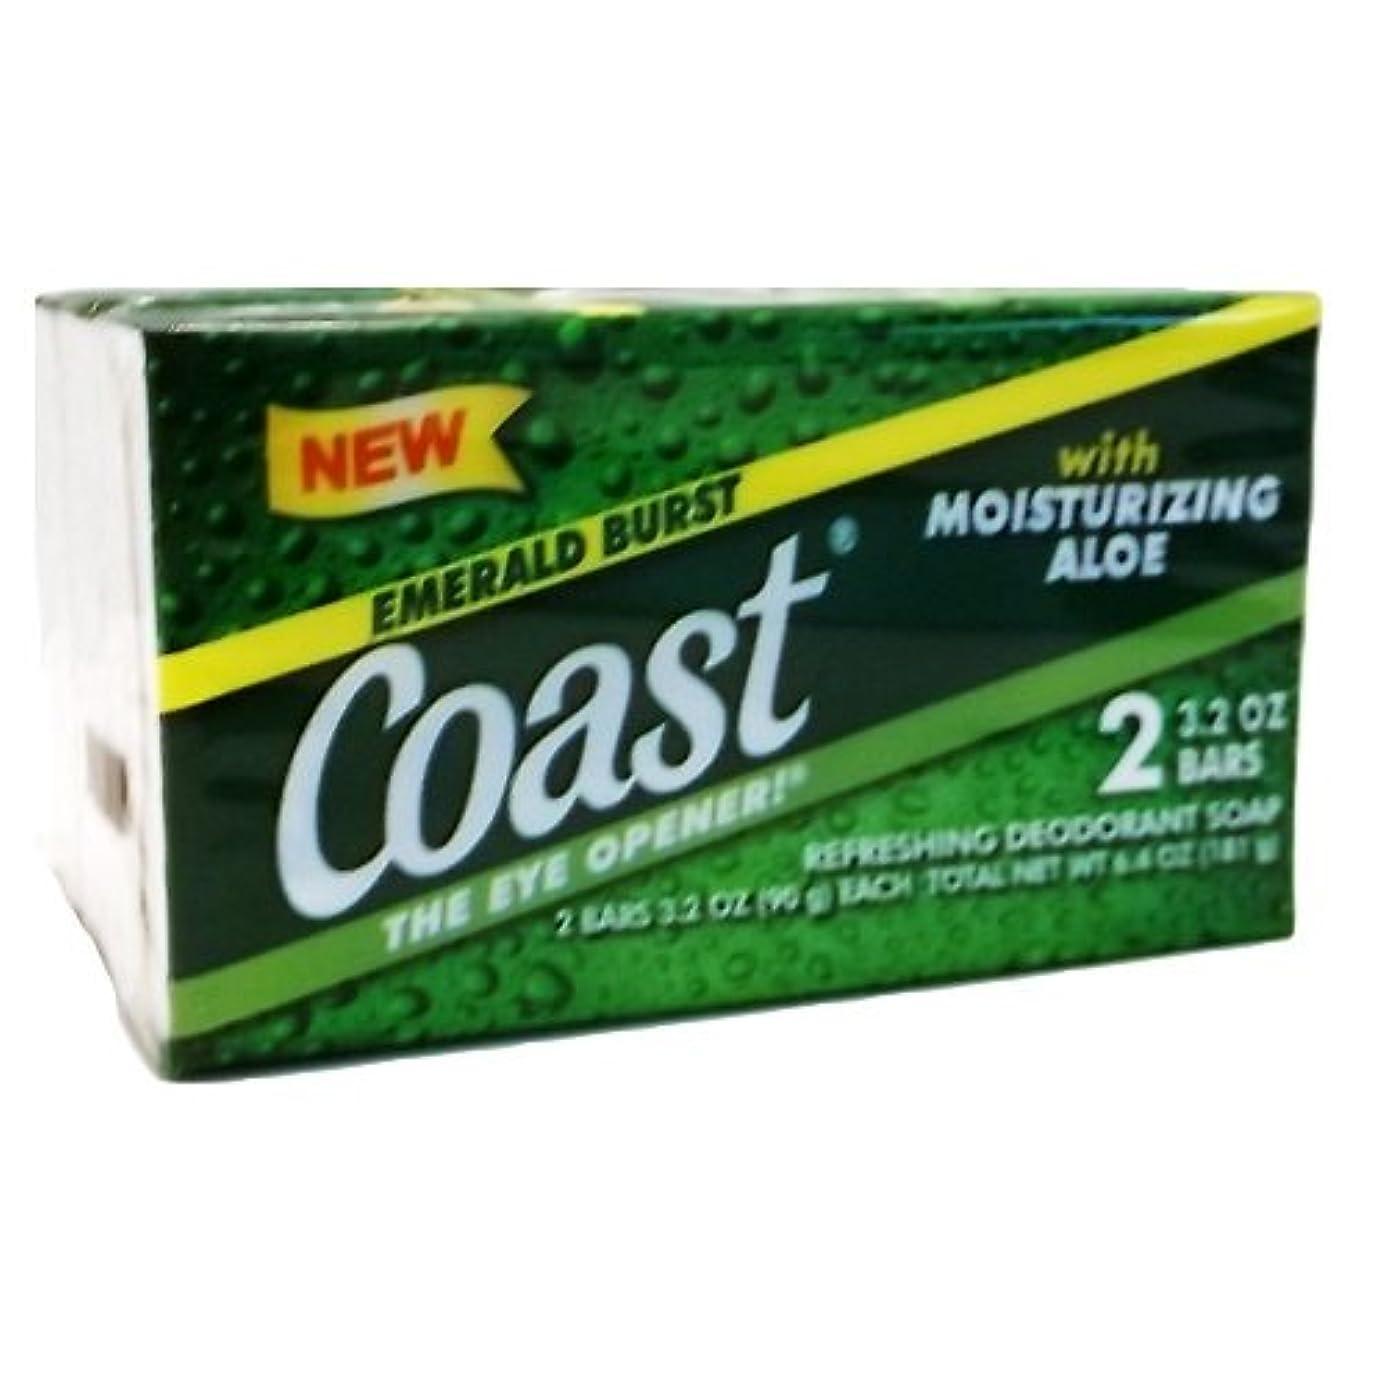 合併エンディングばかげたコースト(Coast) 石けんエメラルドバースト2個入り×24パック(48個)